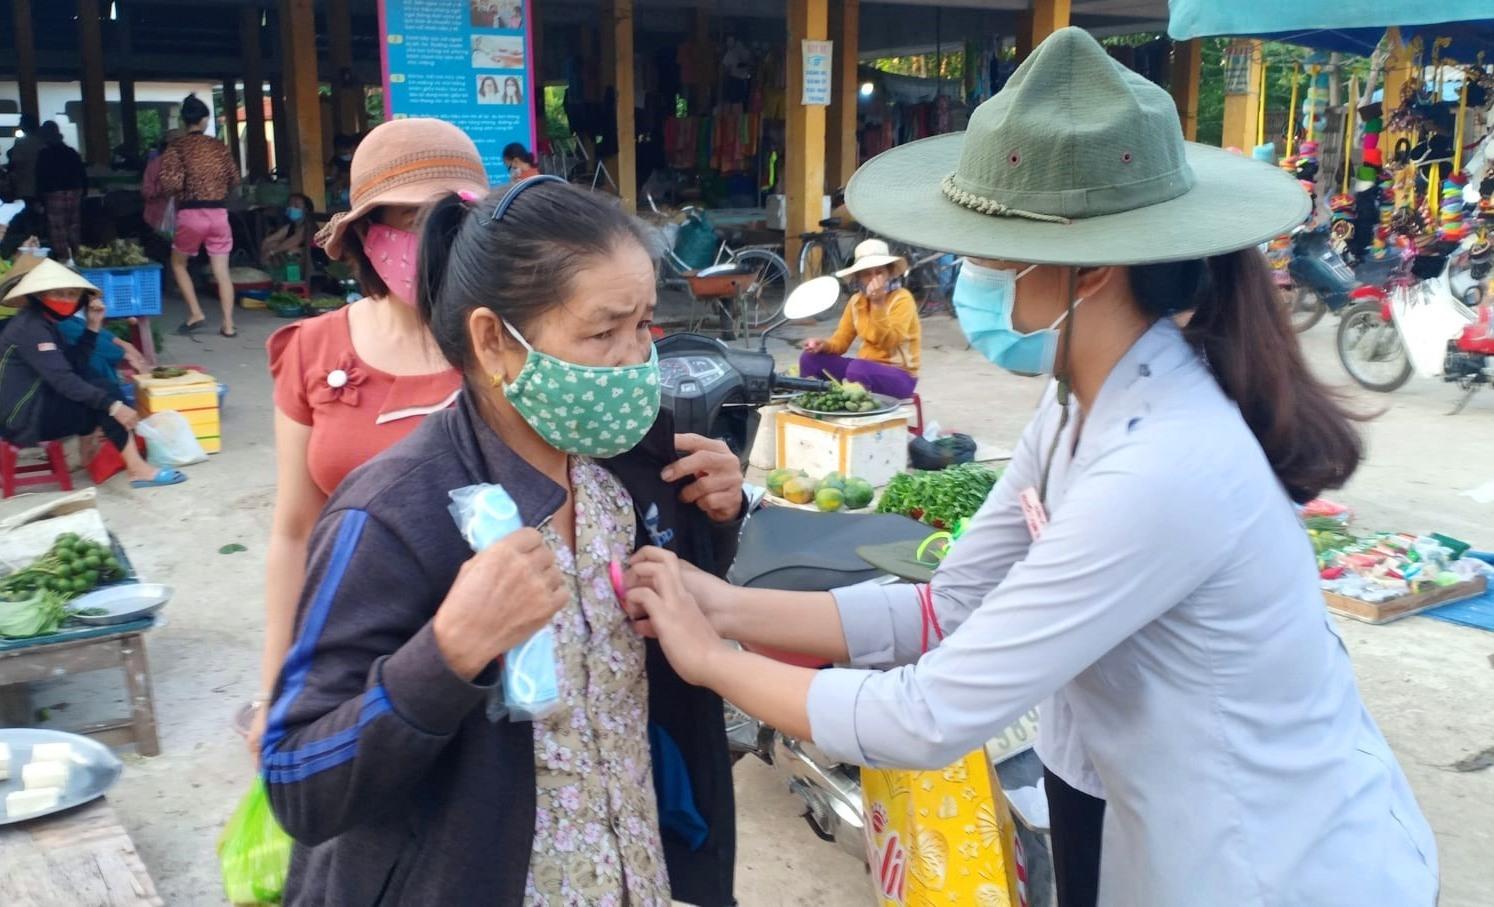 Gia đình phật Tam Hòa (Đại Quang, Đại Lộc) tặng khẩu trang và cài hoa hồng lên ngực áo người dân. Ảnh: PGQN